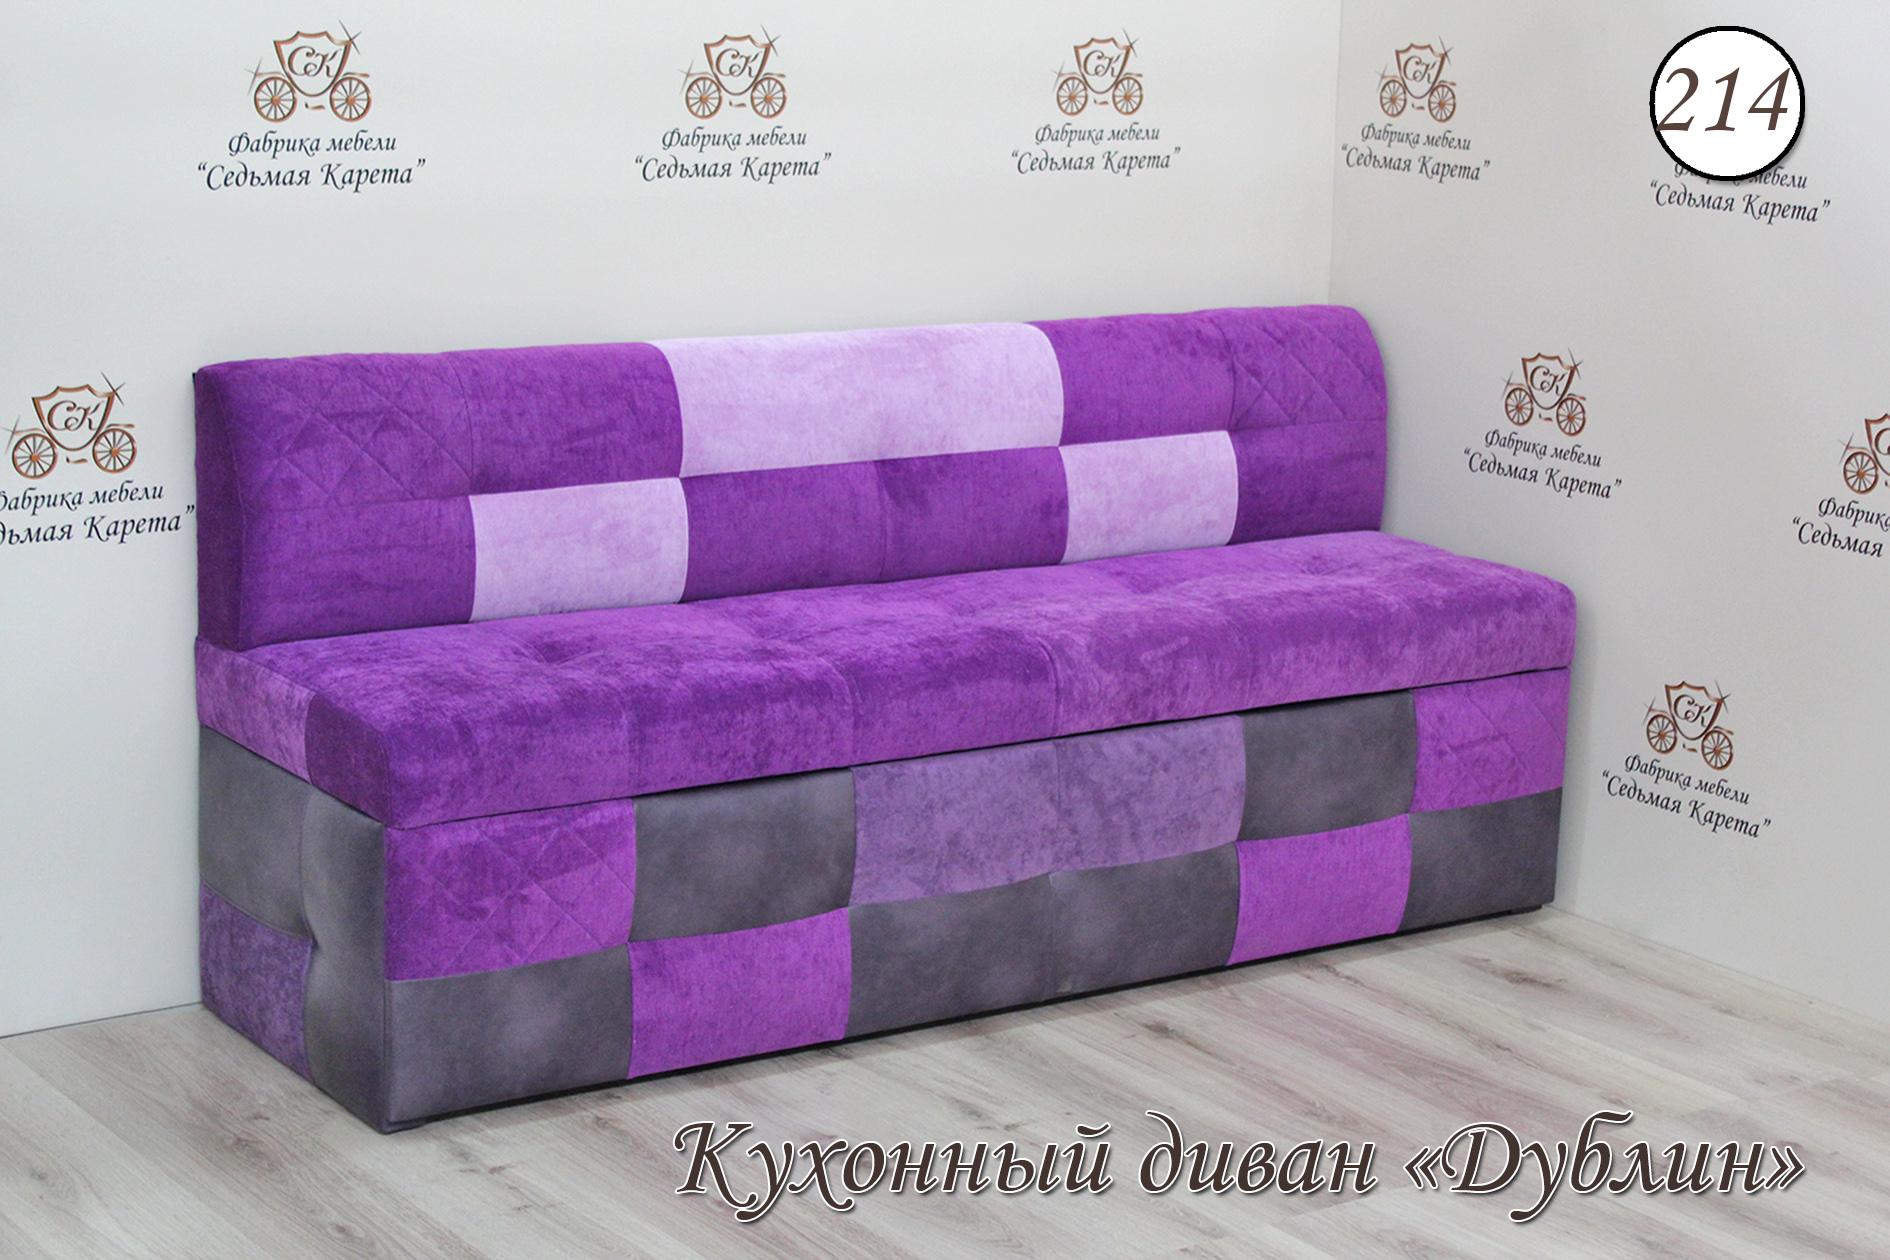 Кухонный диван Дублин-214